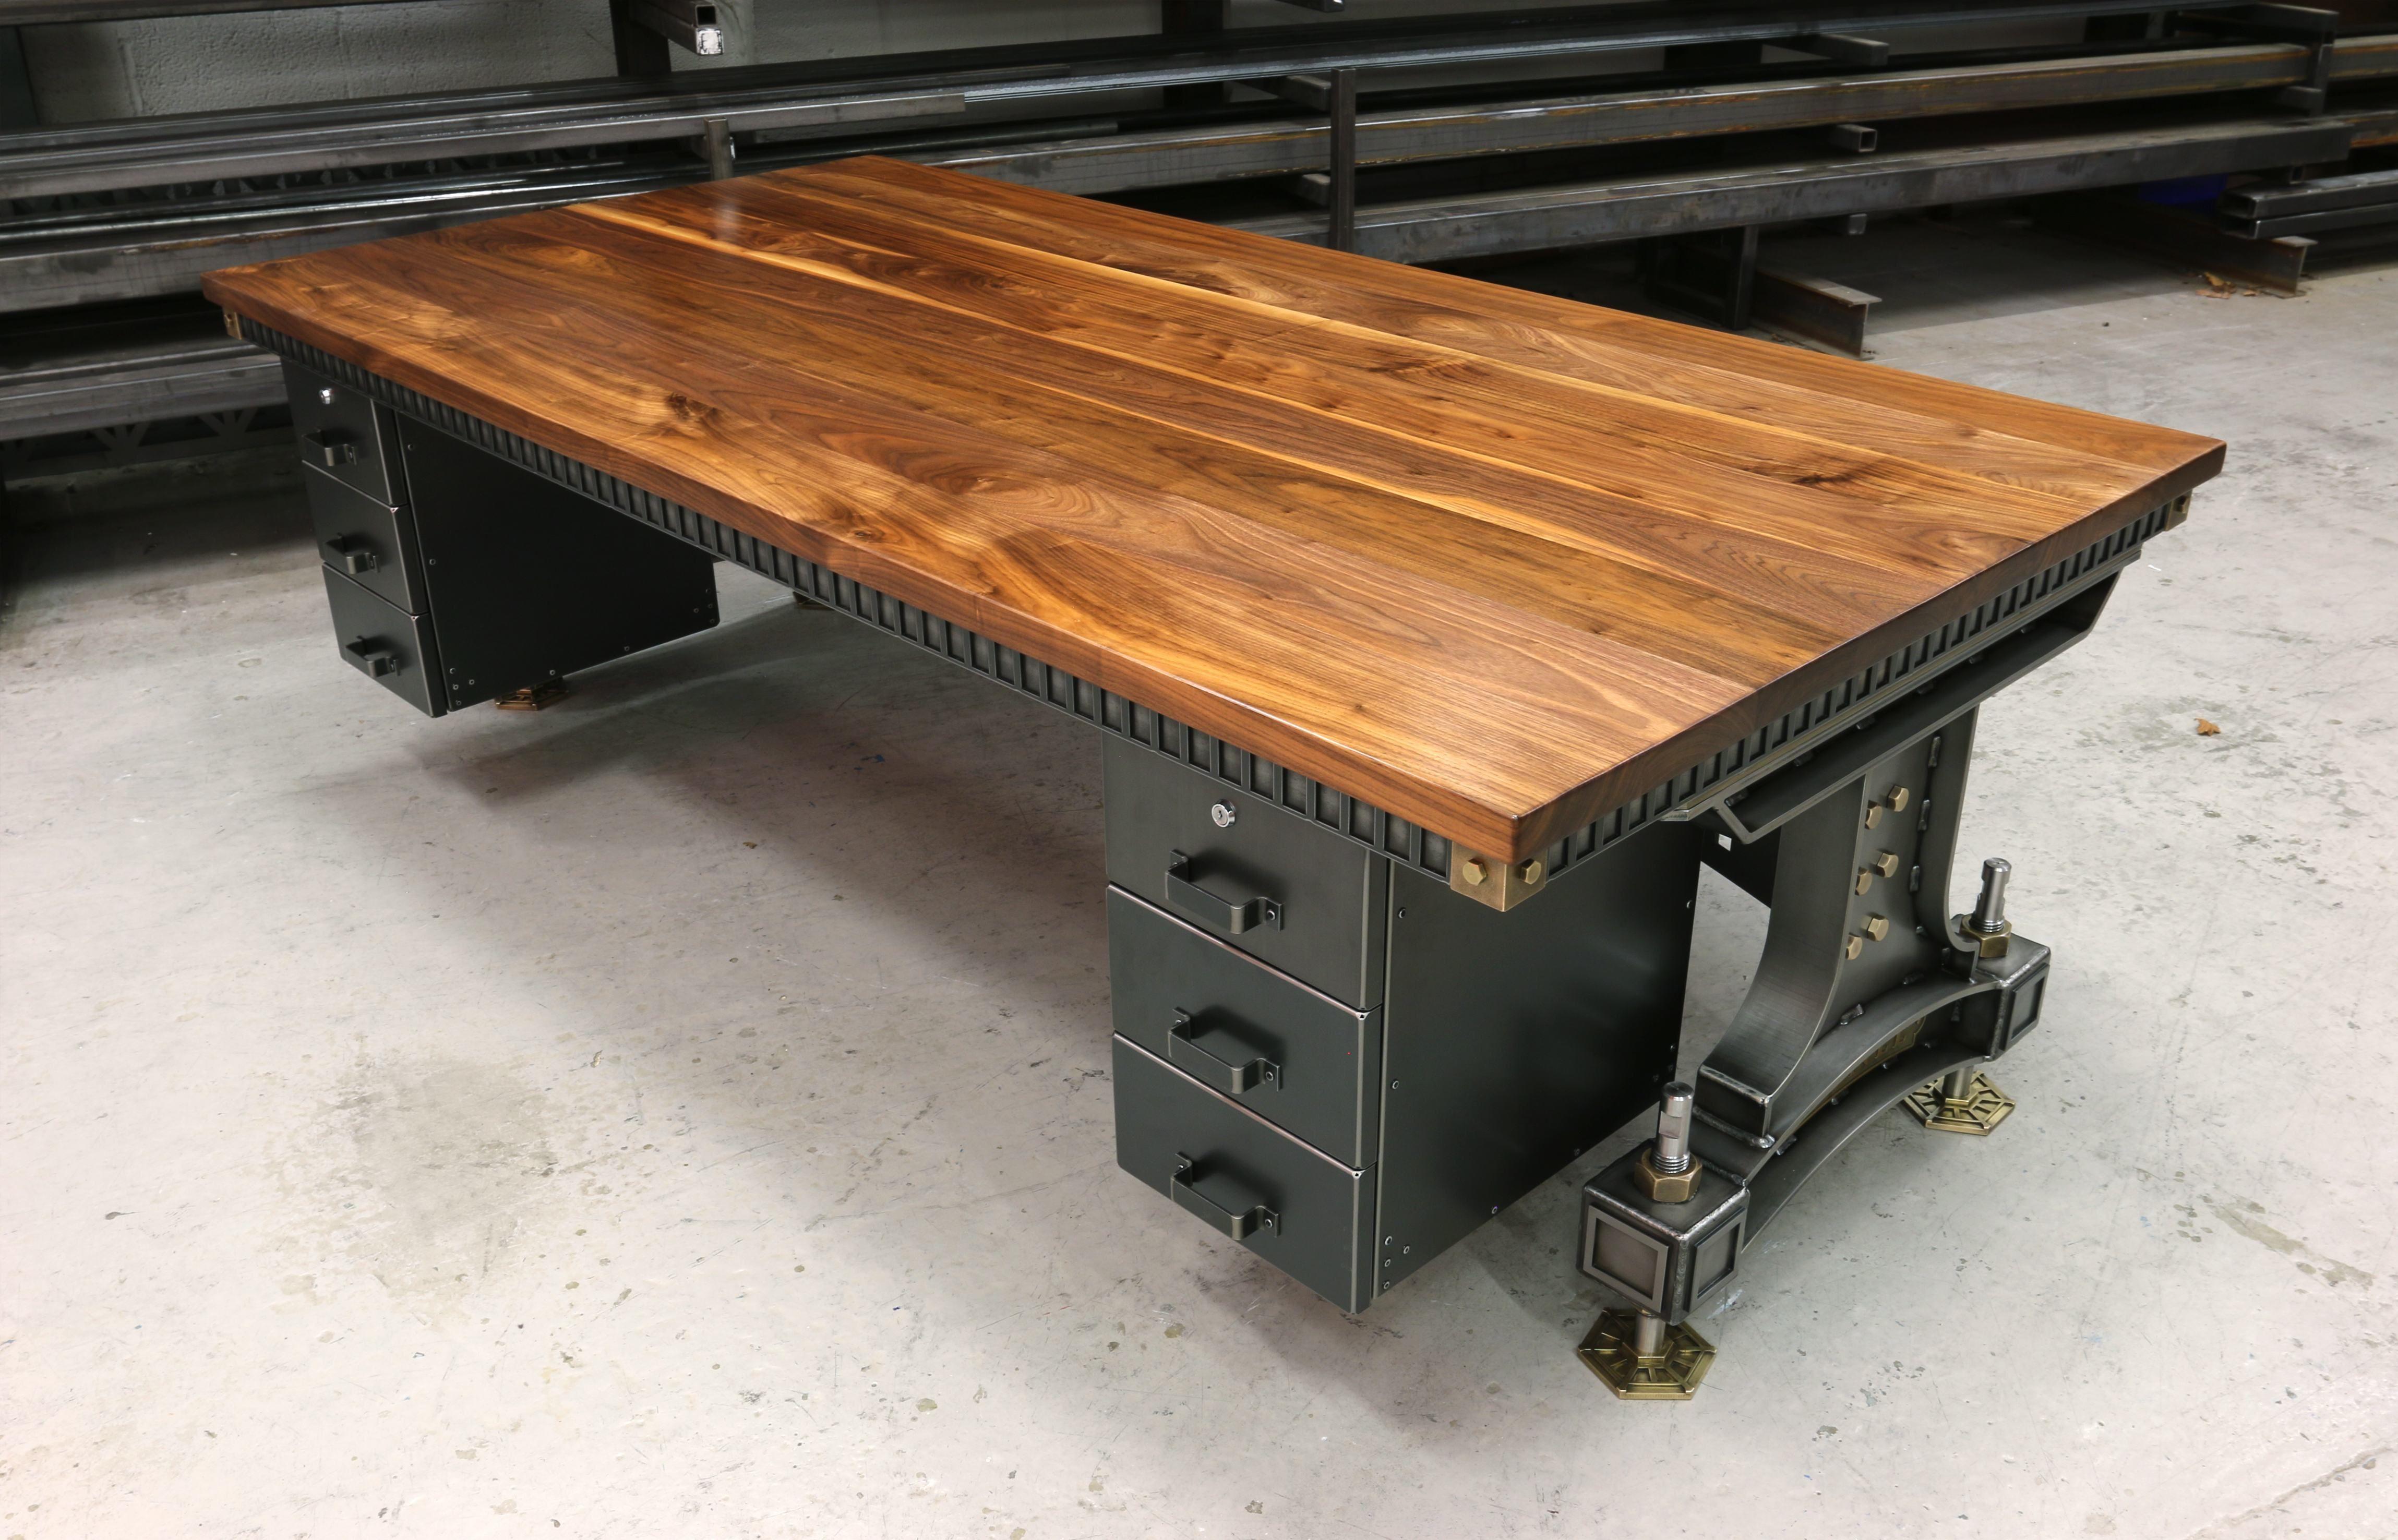 The Brunel Desk Handmade Industrial Desk Uk Steel Vintage Vintage Industrial Vintage Industrial Decor Vintage Industrial Desk